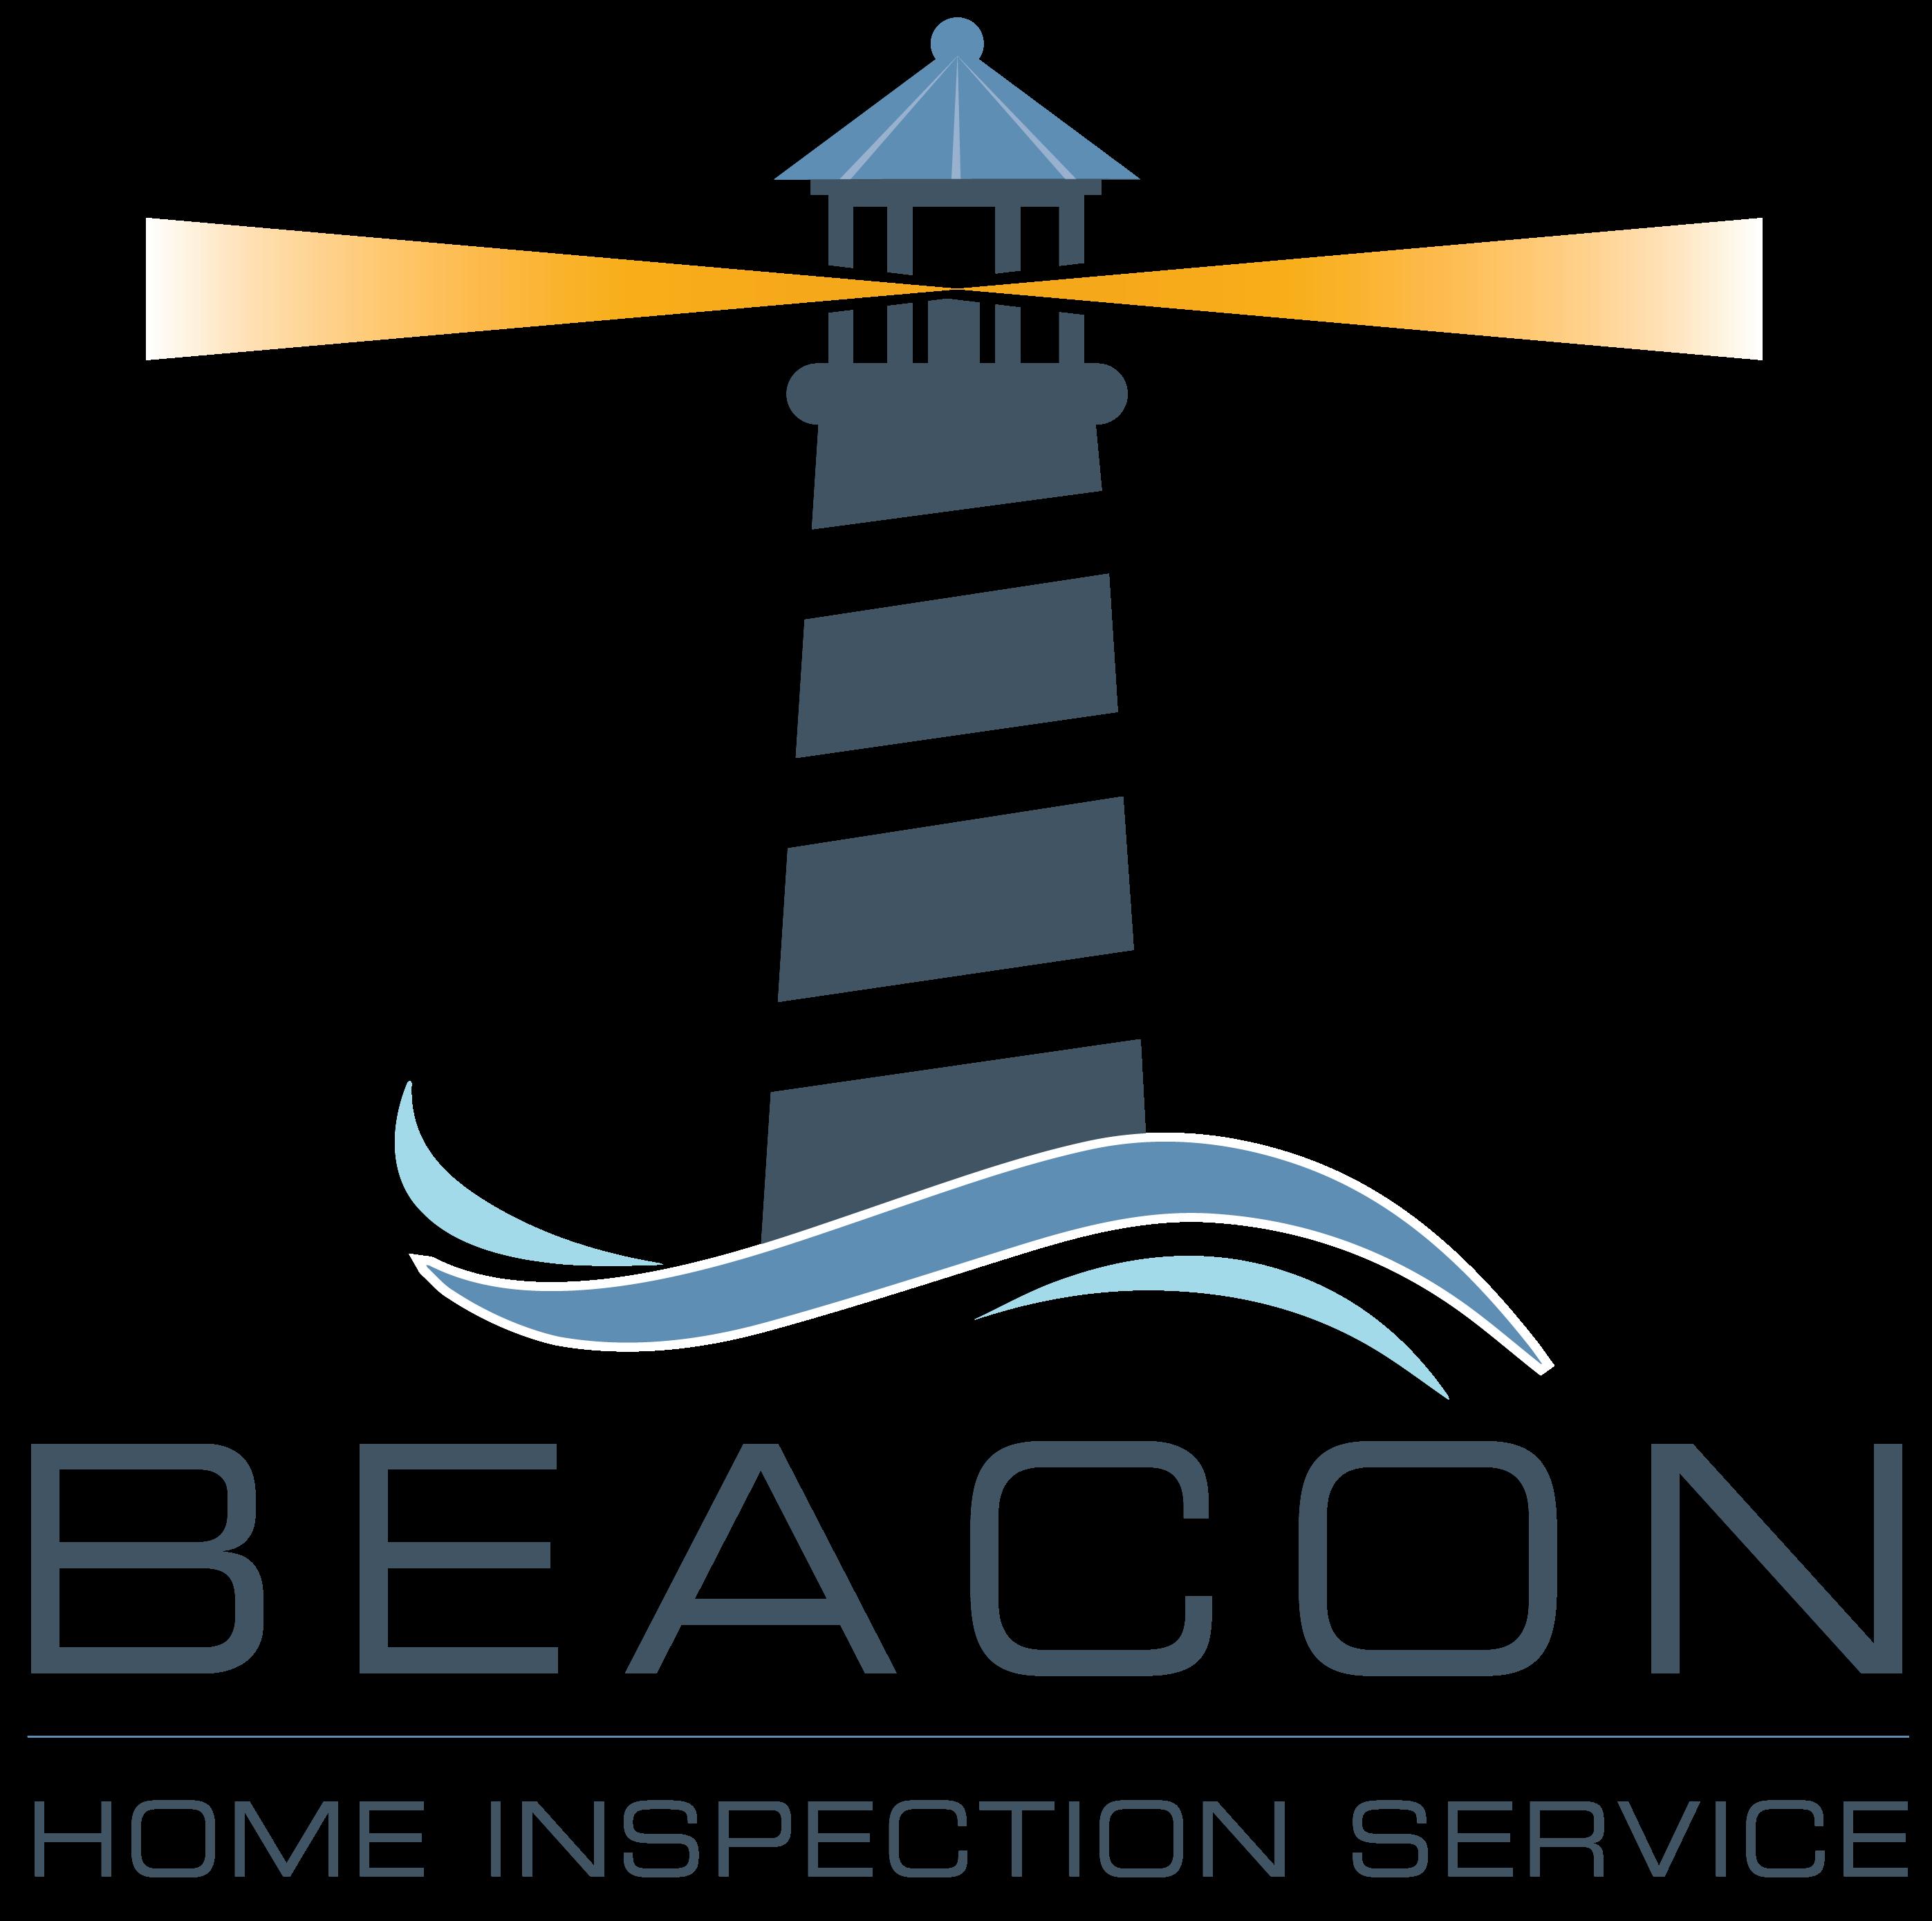 Beacon Home Inspection Service